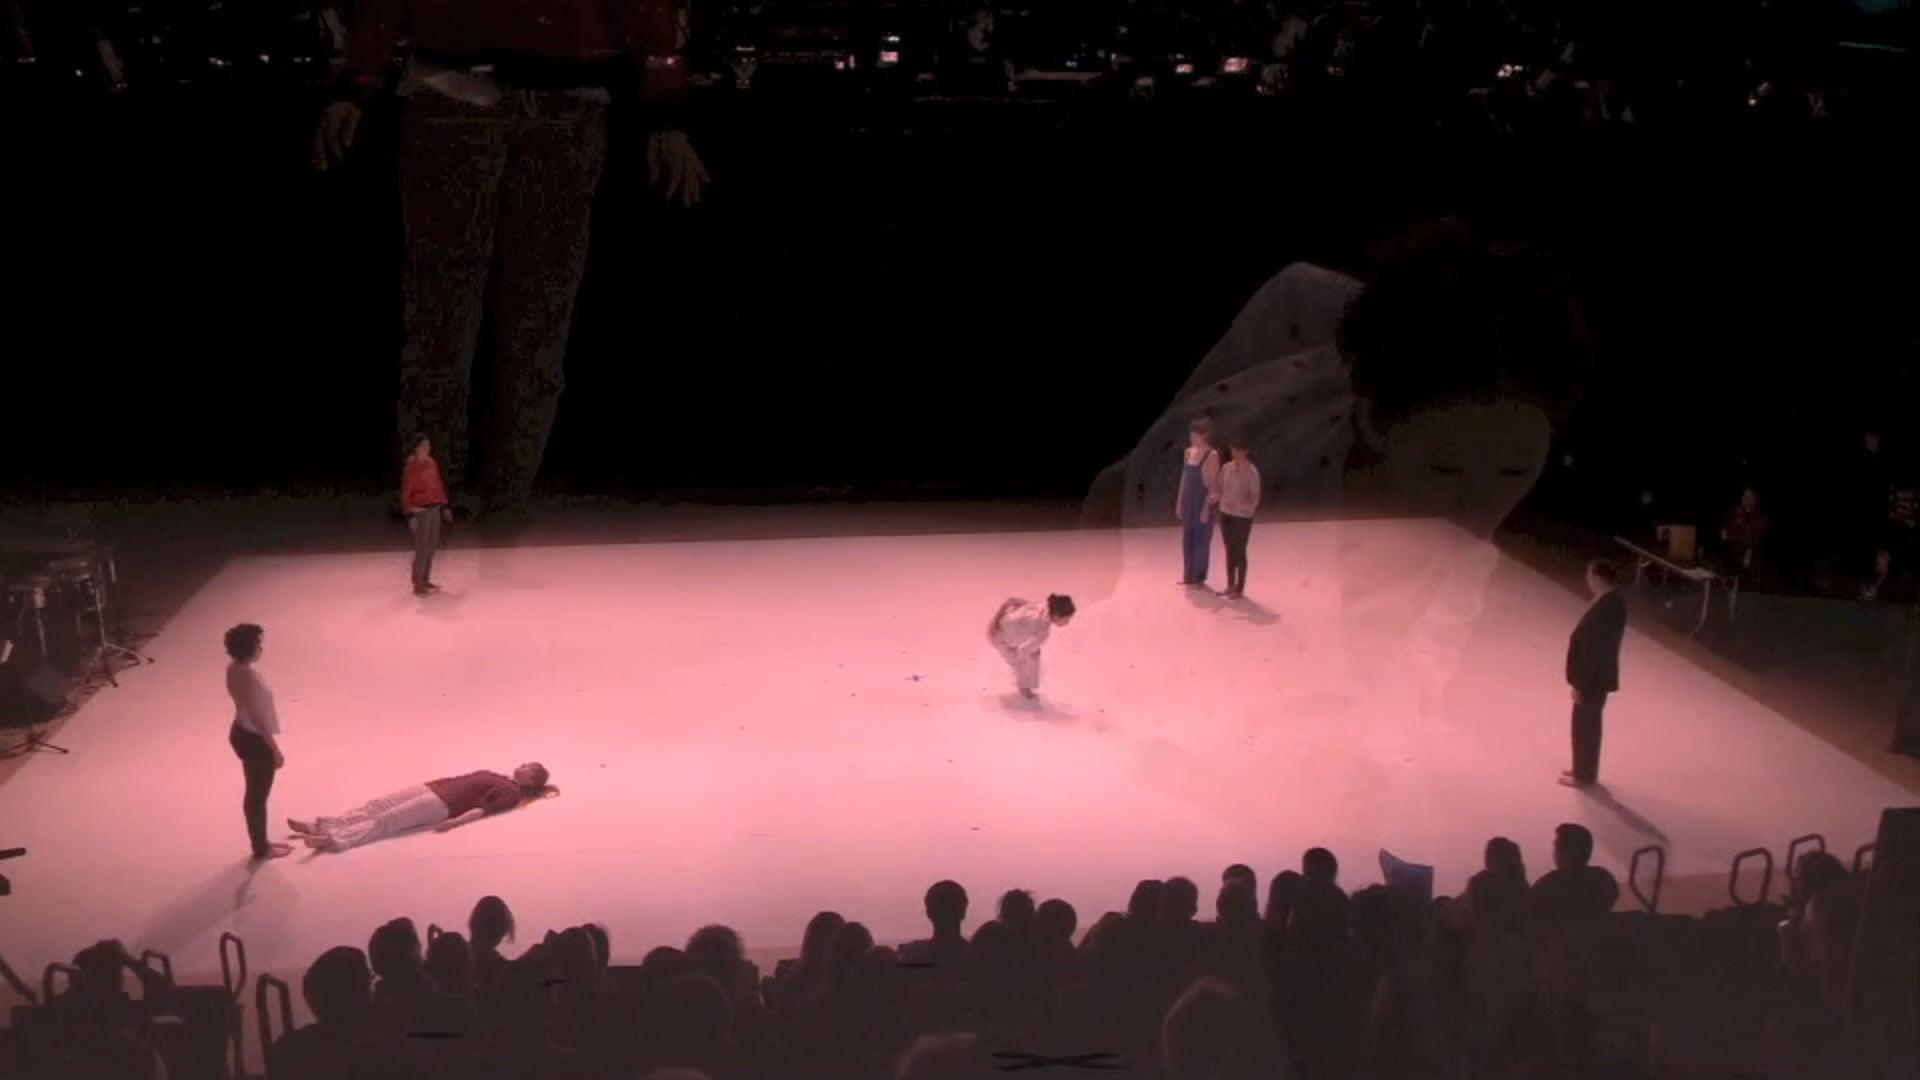 KATY DAMMERS ON E-V-E-R-Y-O-N-E BY THE COMMONS CHOIR / DARIA FAïN AND ROBERT KOCIK NEW YORK LIVE ARTS, MARCH 2013